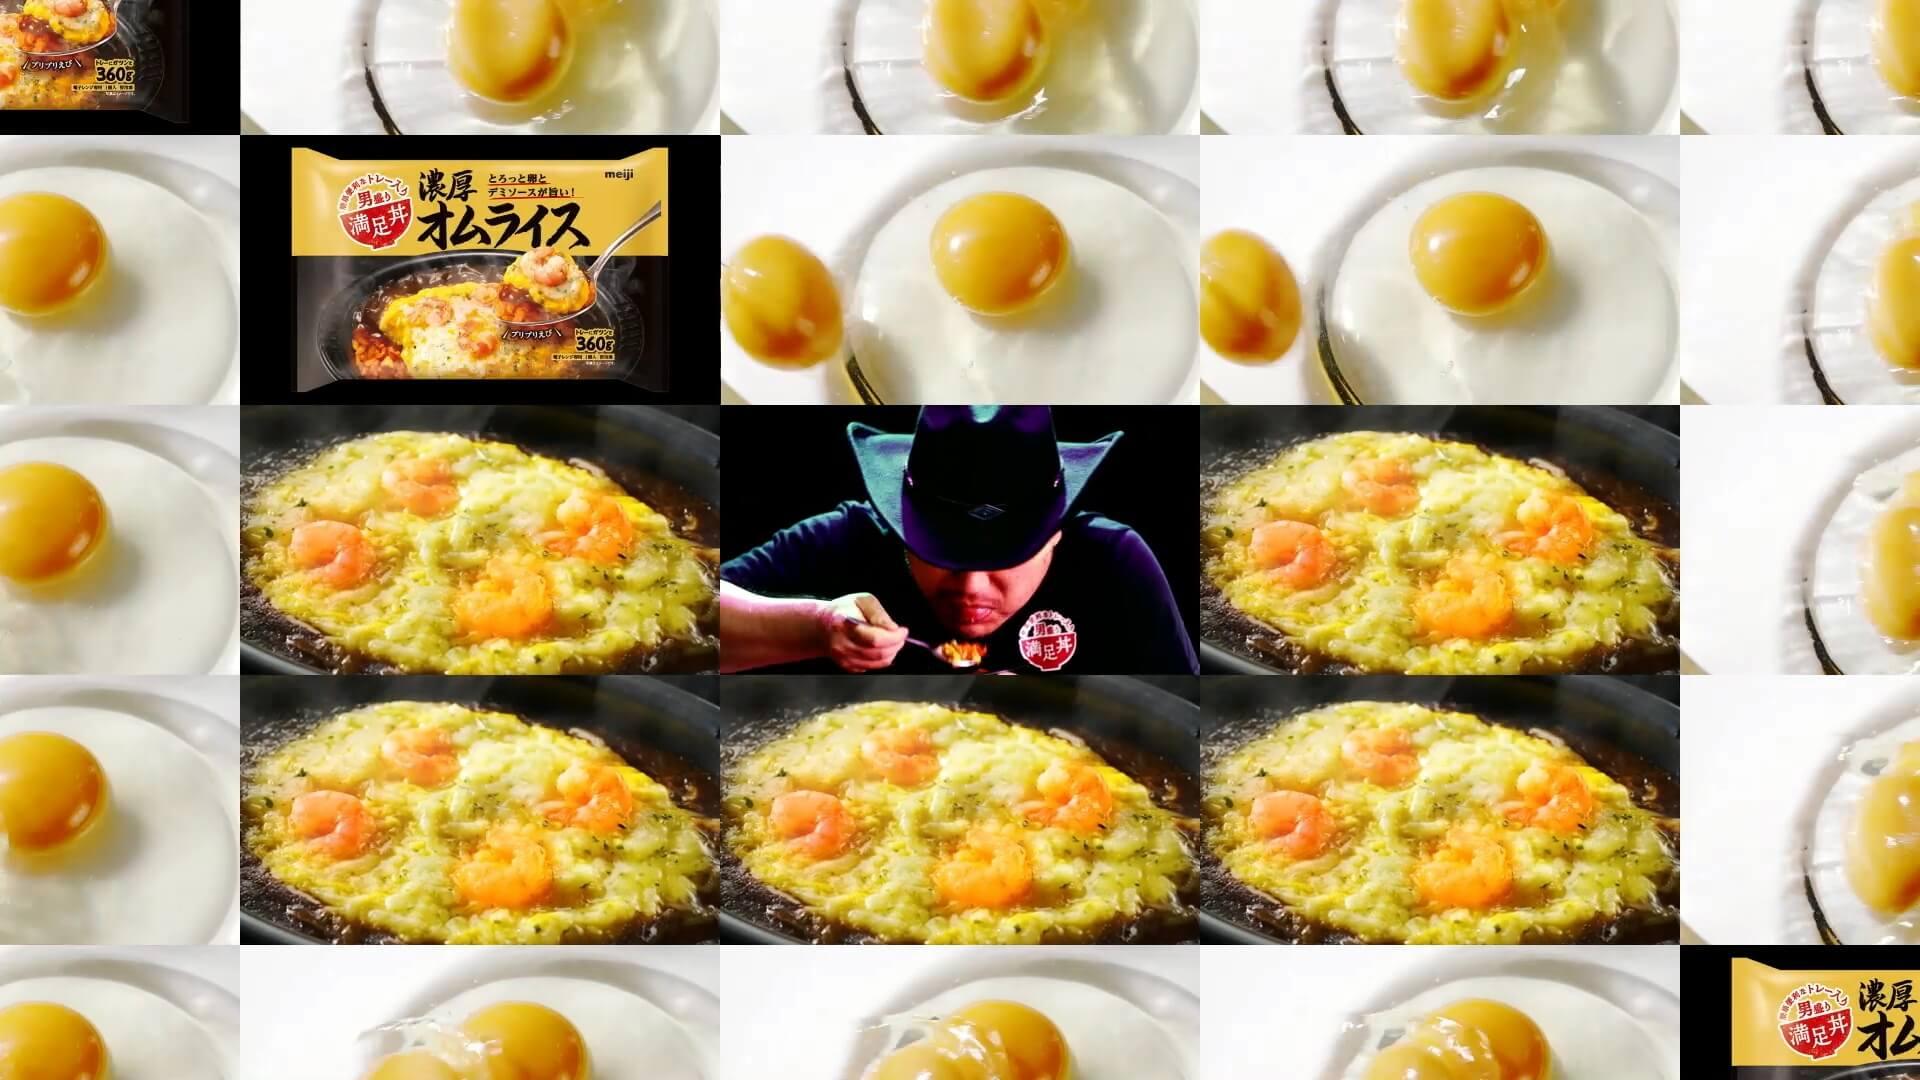 誇張した食レポ、エビのモノマネ…ハリウッドザコシショウの姿に思わず二度見してしまう「満足丼」WEBCM4本が公開 gourmet190917_manzokudon_18